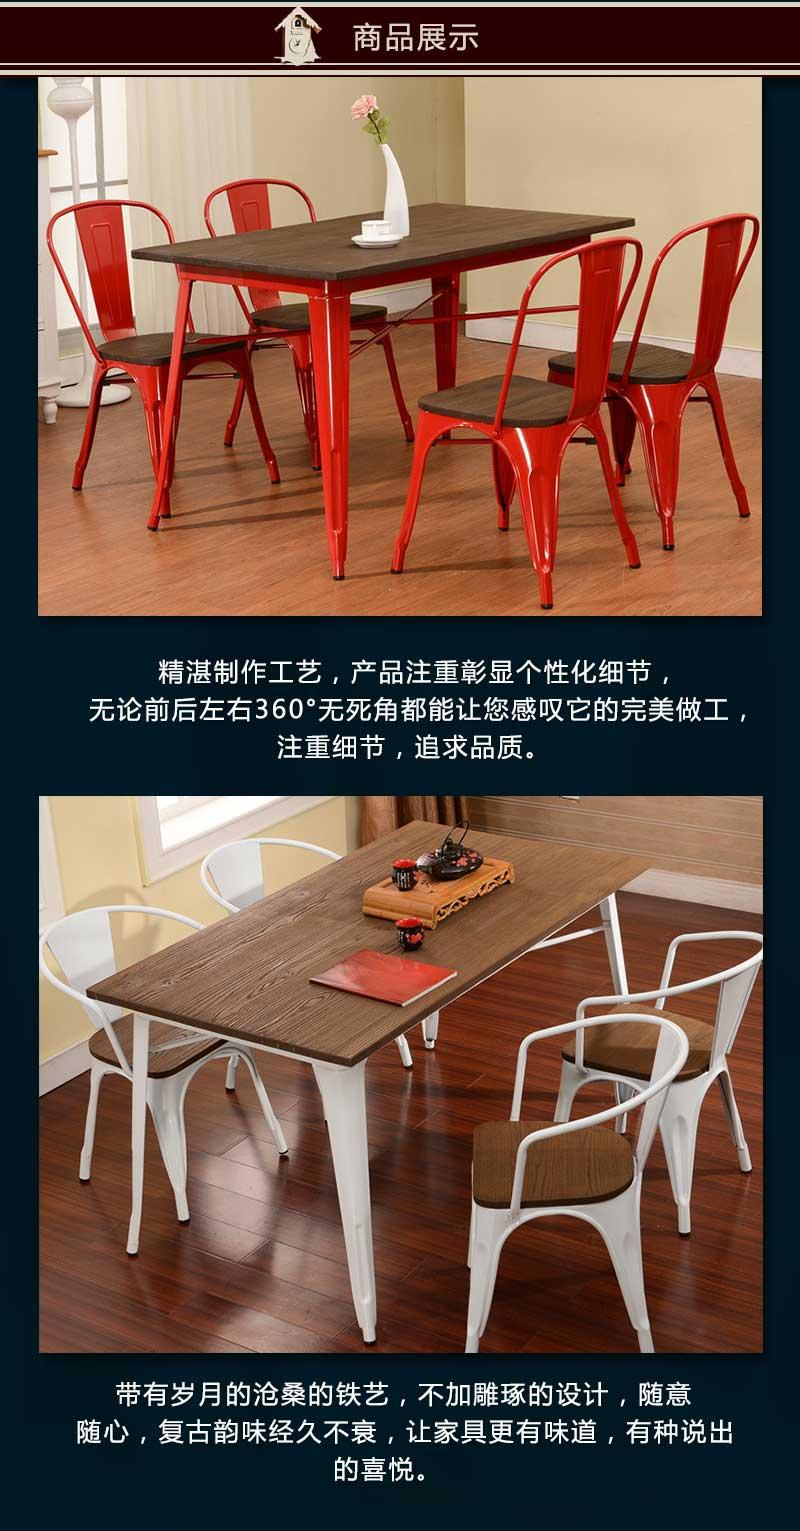 钱柜娱乐网站,钱柜娱乐官方网站_美式工业风餐桌